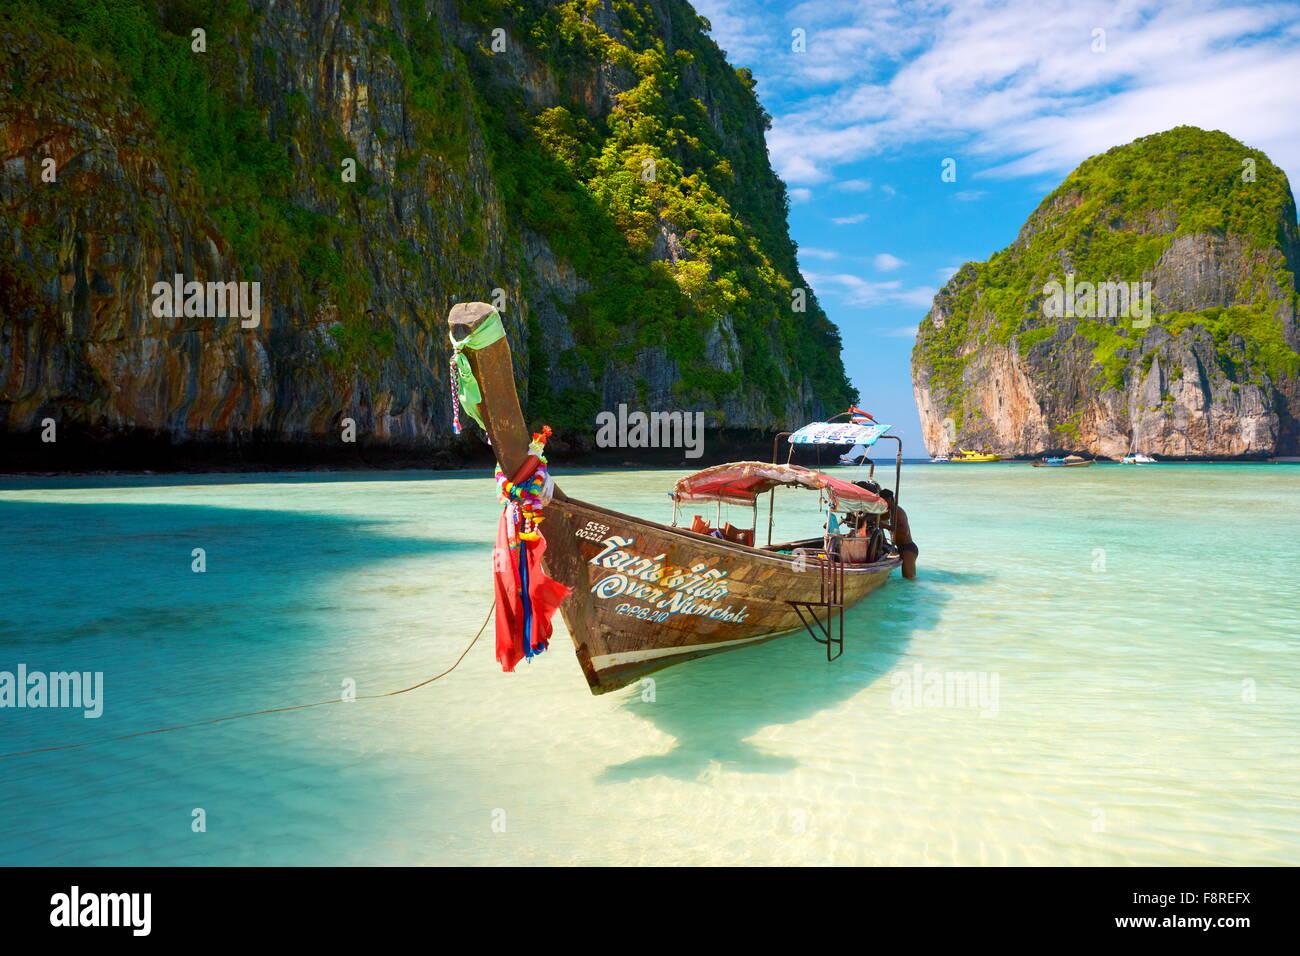 Tailandia - Maya Tropical Bay en la isla de Phi Phi Leh, Mar Andaman. Imagen De Stock